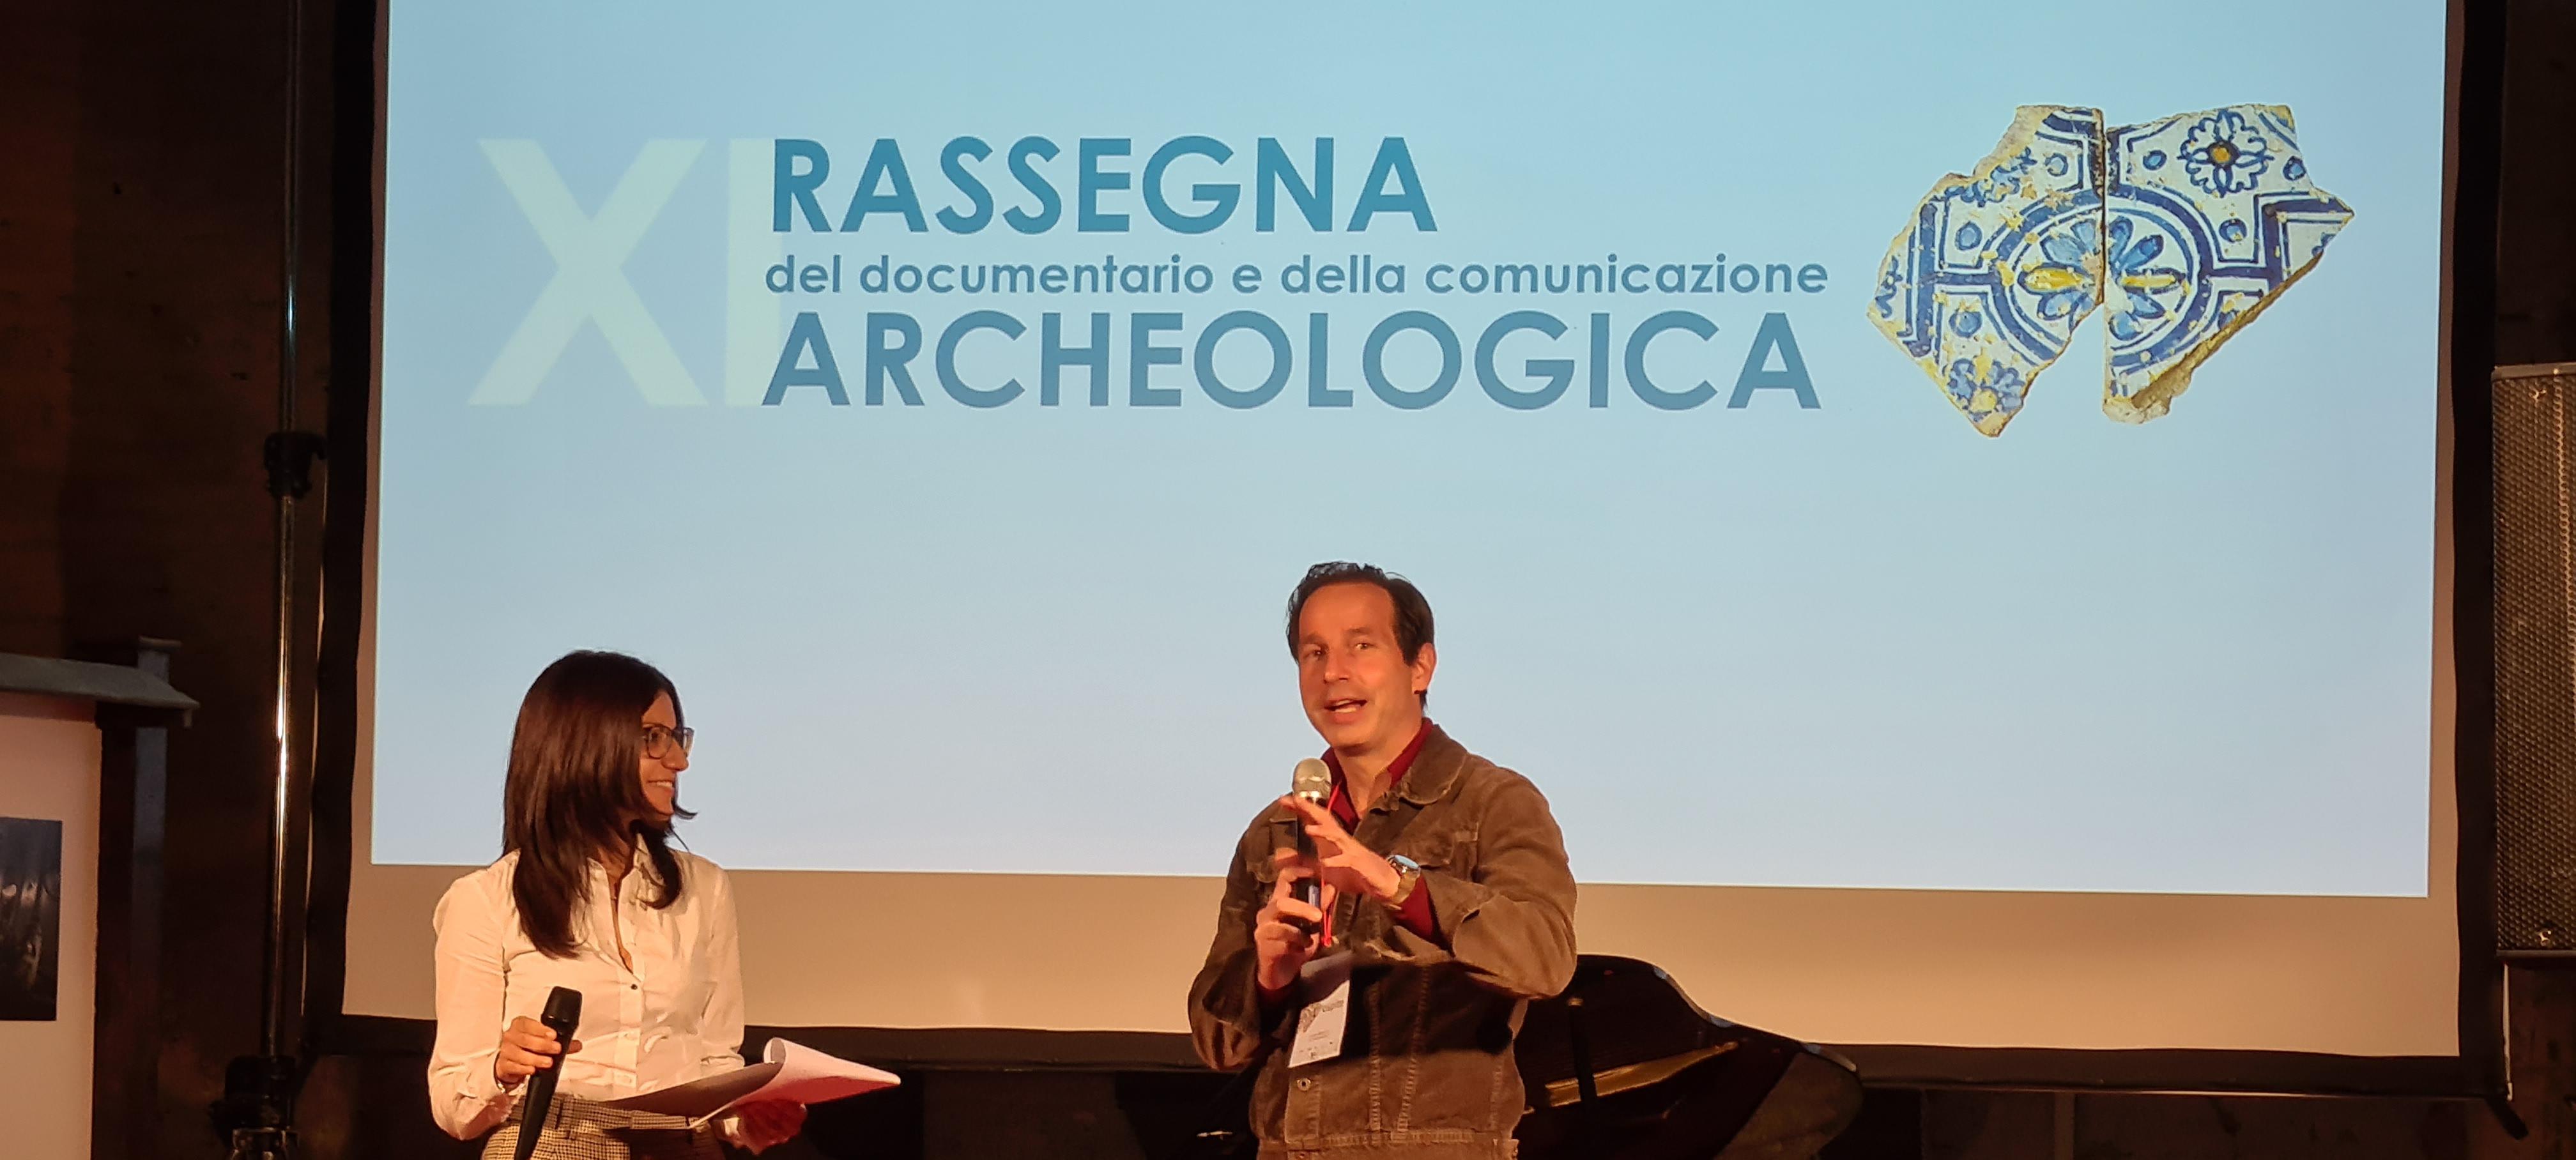 licodia-eubea_rassegna-del-documentario-e-della-comunciazione-archeologica_cilio-bongiorno_foto-graziano-tavan